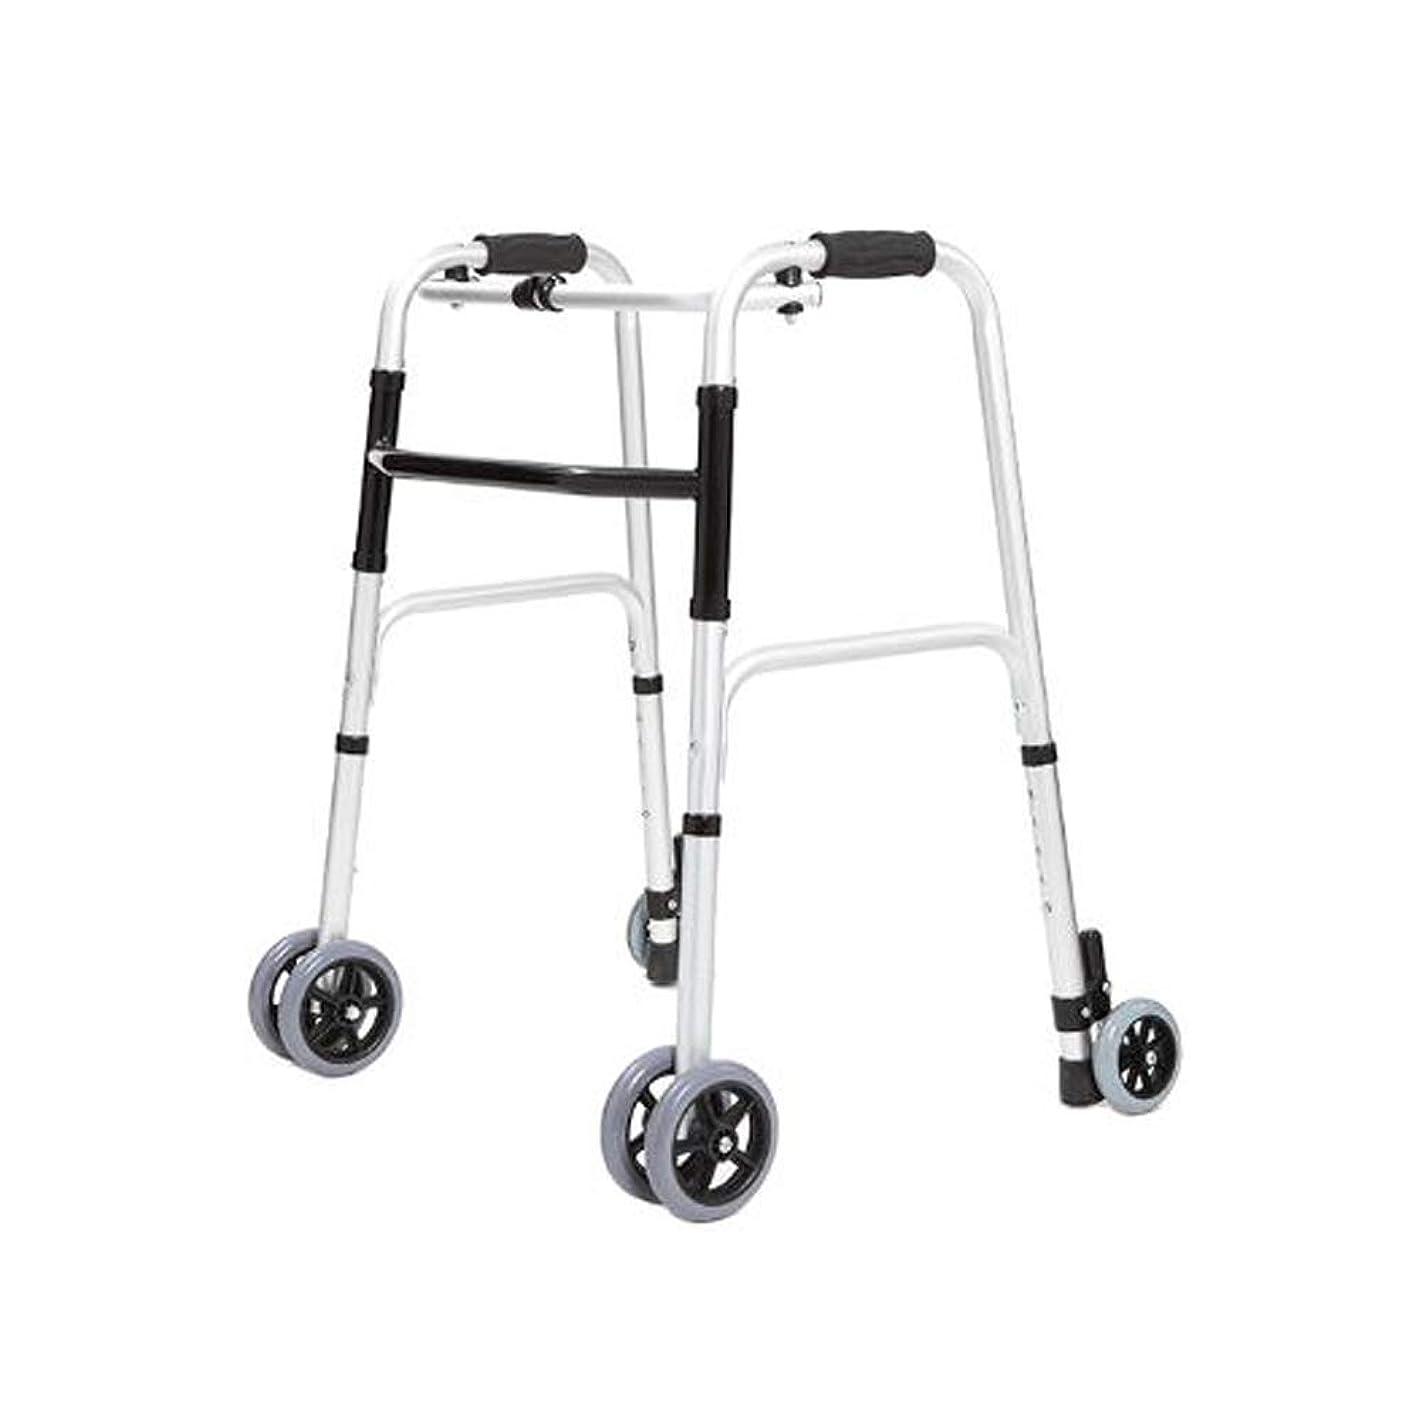 最初中庭部分的に[ラオンアチ] 大人のための歩行器 折りたたみ 車輪型歩行器 6輪歩行車 5段の高さ調節可能 [日本語説明書付き] [海外直送品]